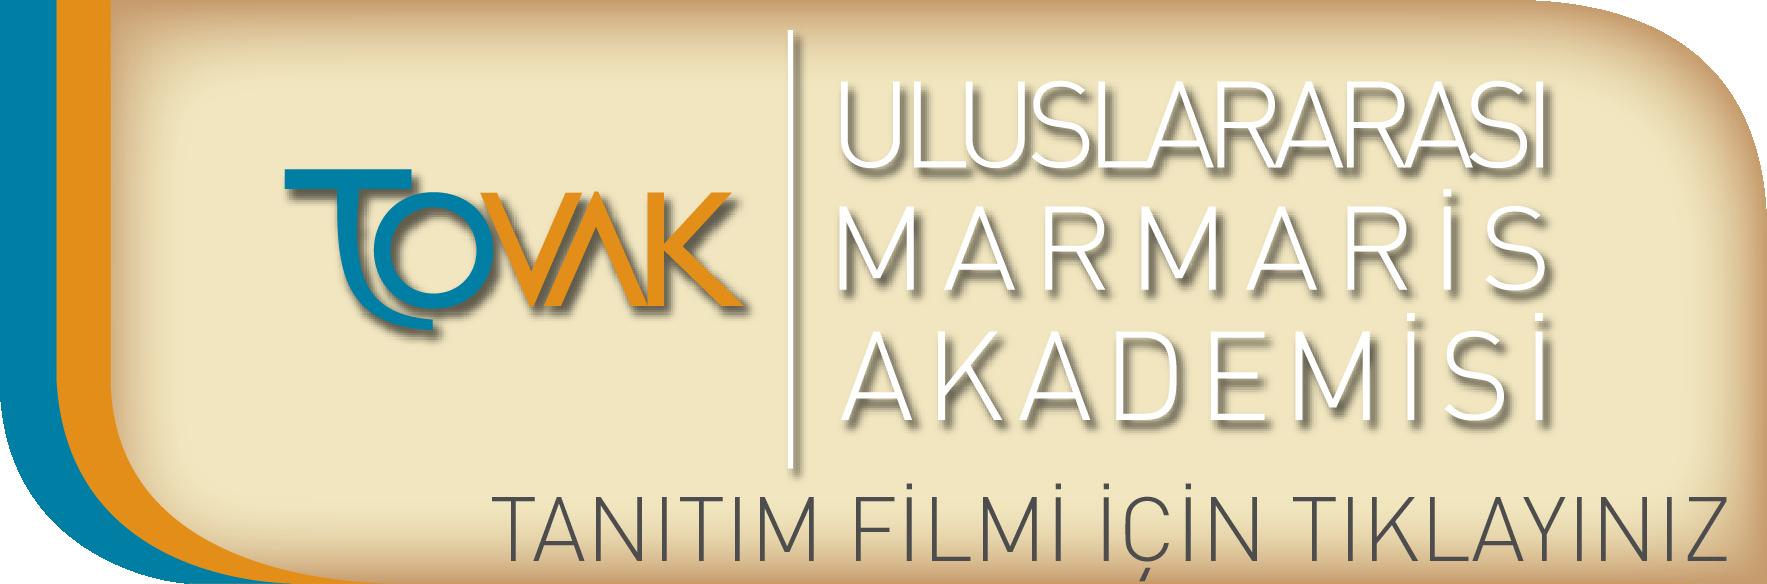 Uluslararası Marmaris Akademisi Tanıtım Filmi